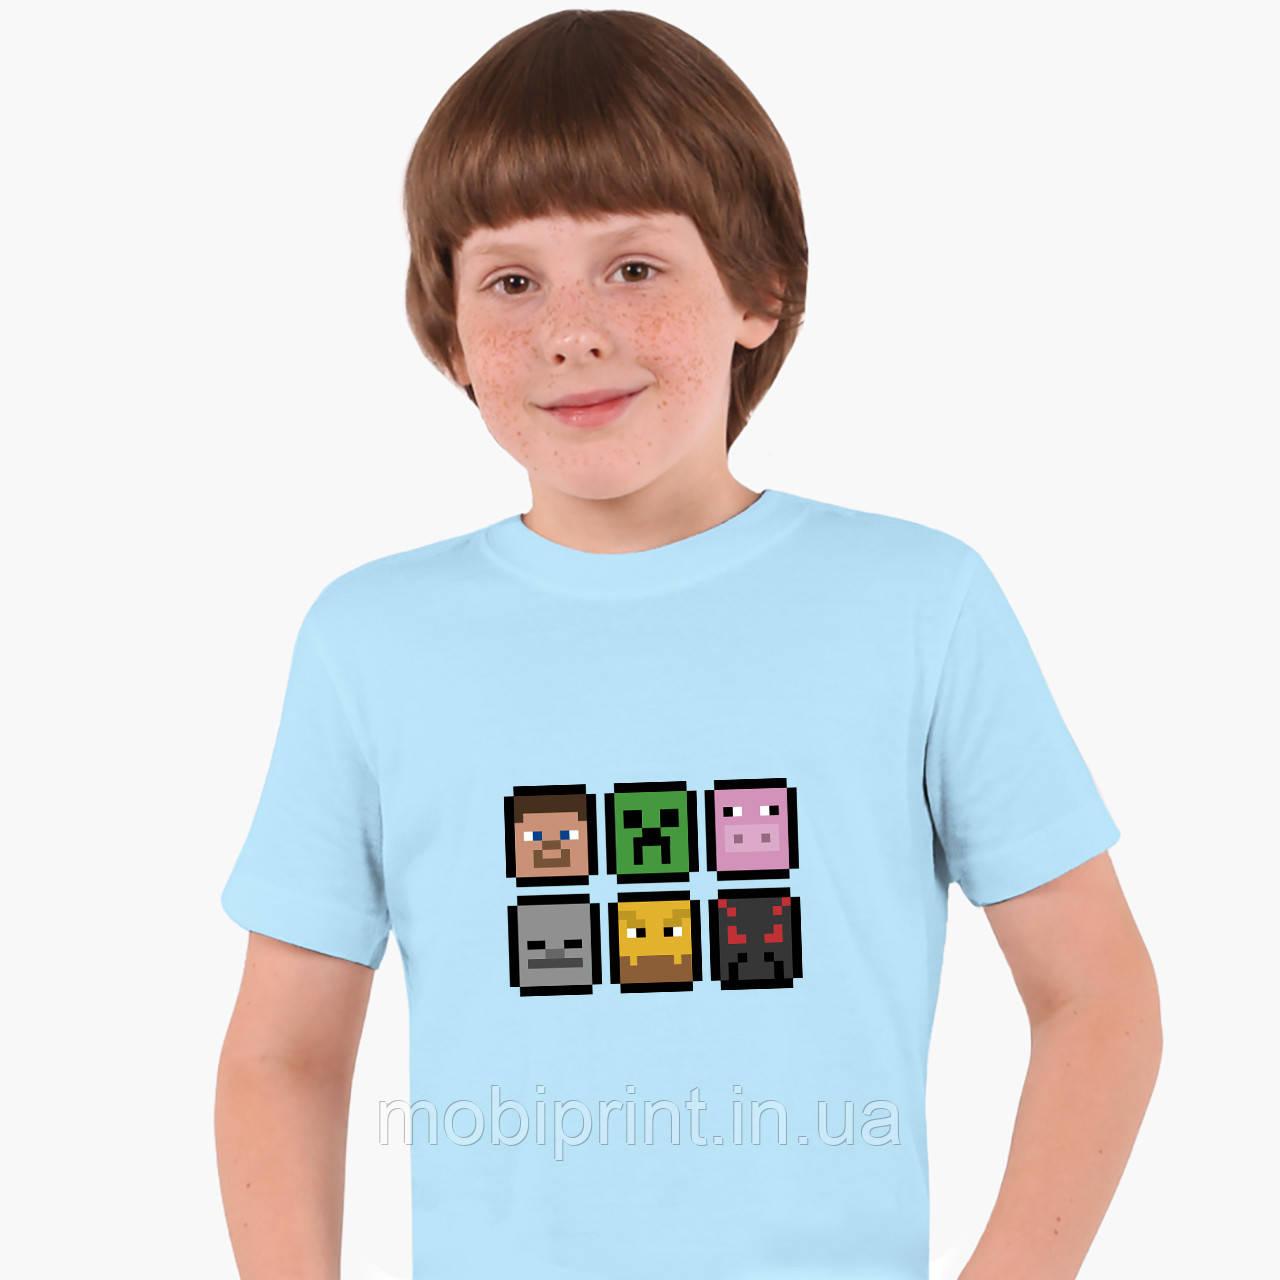 Детская футболка для мальчиков Майнкрафт (Minecraft) (25186-1173) Голубой